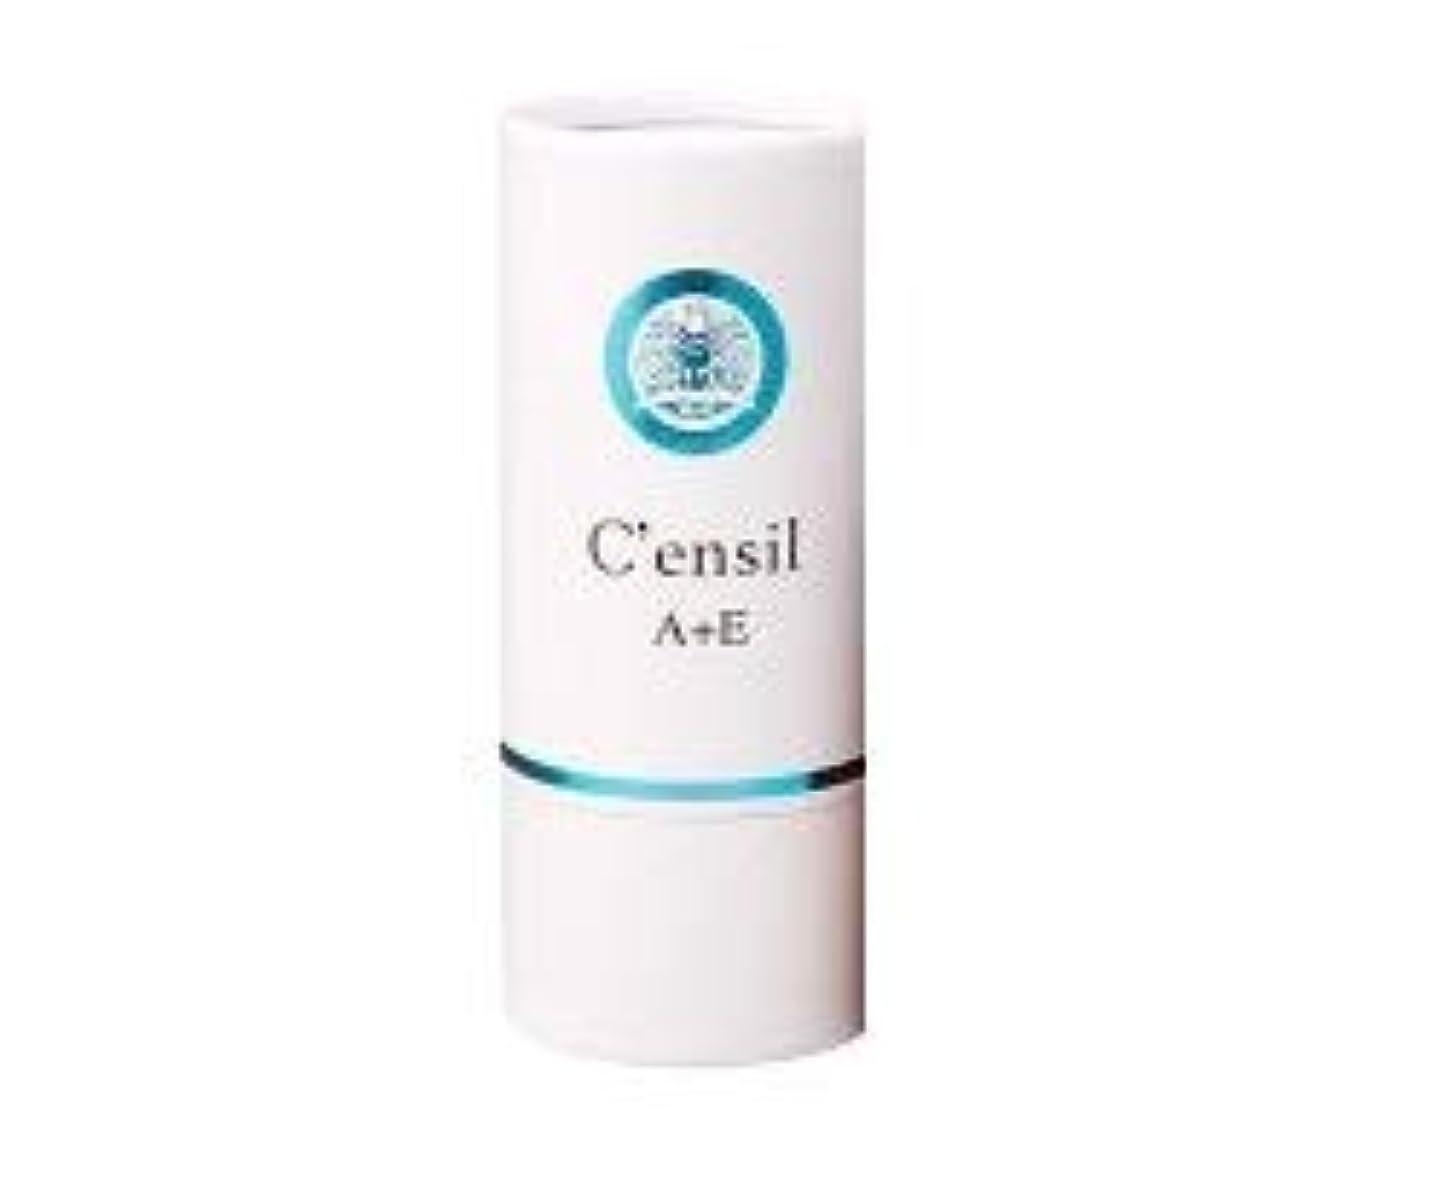 従うやる一時解雇するセンシル美容液 C'ensil A+E (本体+C30 2ml×2本セット)